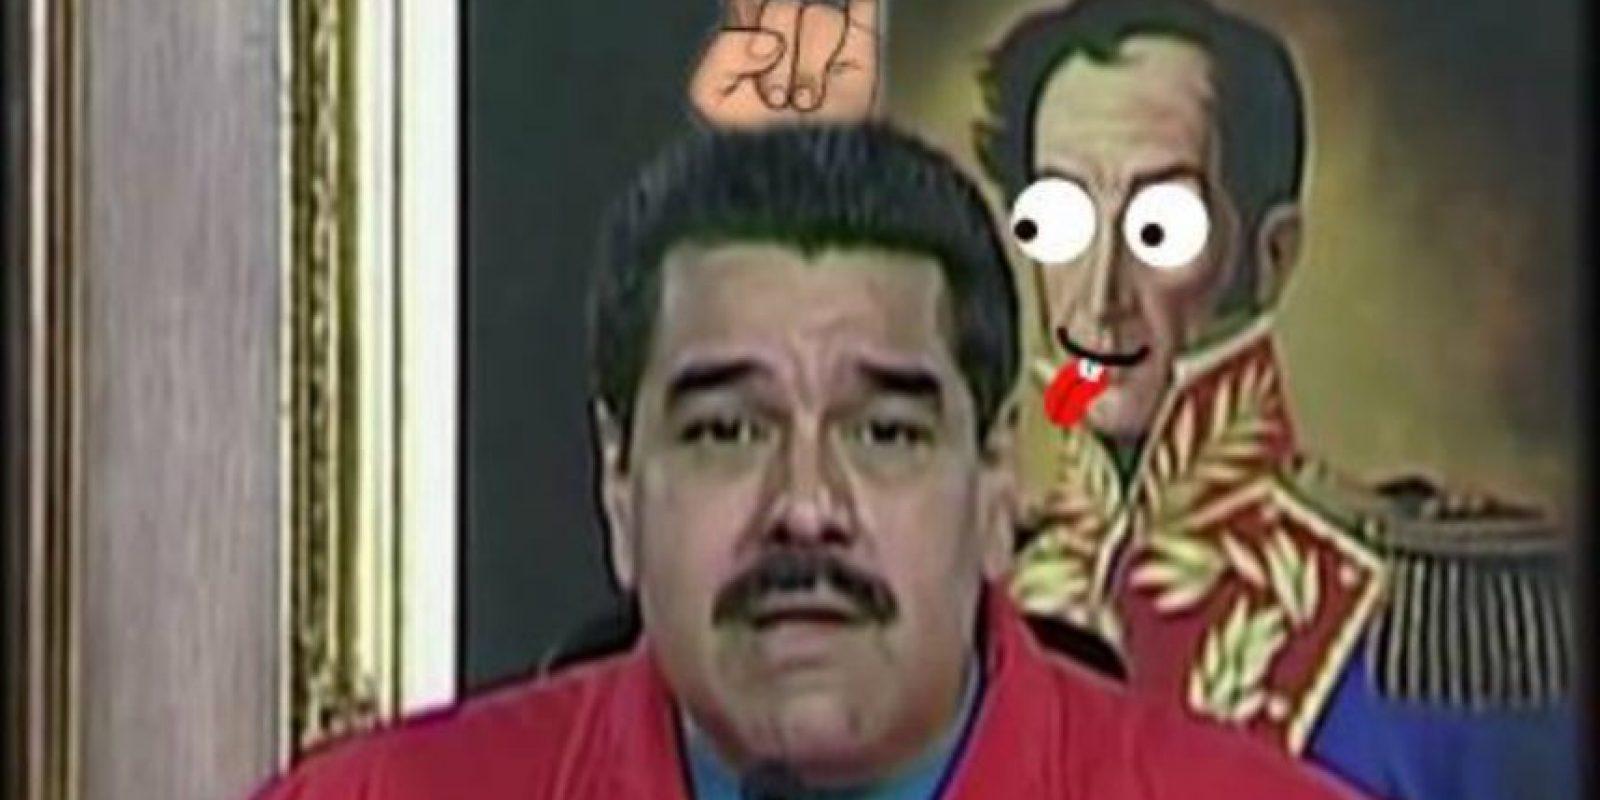 Los memes con los que opositores se burlan de Nicolás Maduro y el Chavismo Foto:Twitter.com – Archivo